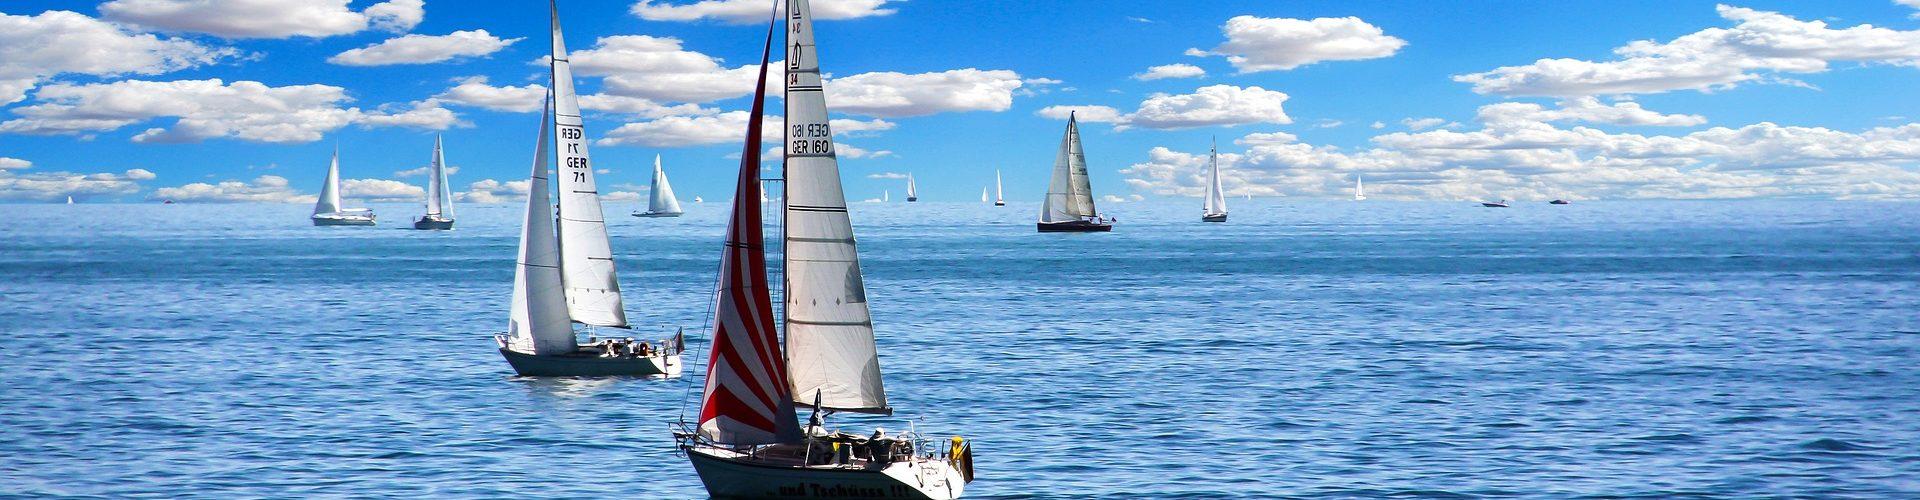 segeln lernen in Mönkebude segelschein machen in Mönkebude 1920x500 - Segeln lernen in Mönkebude